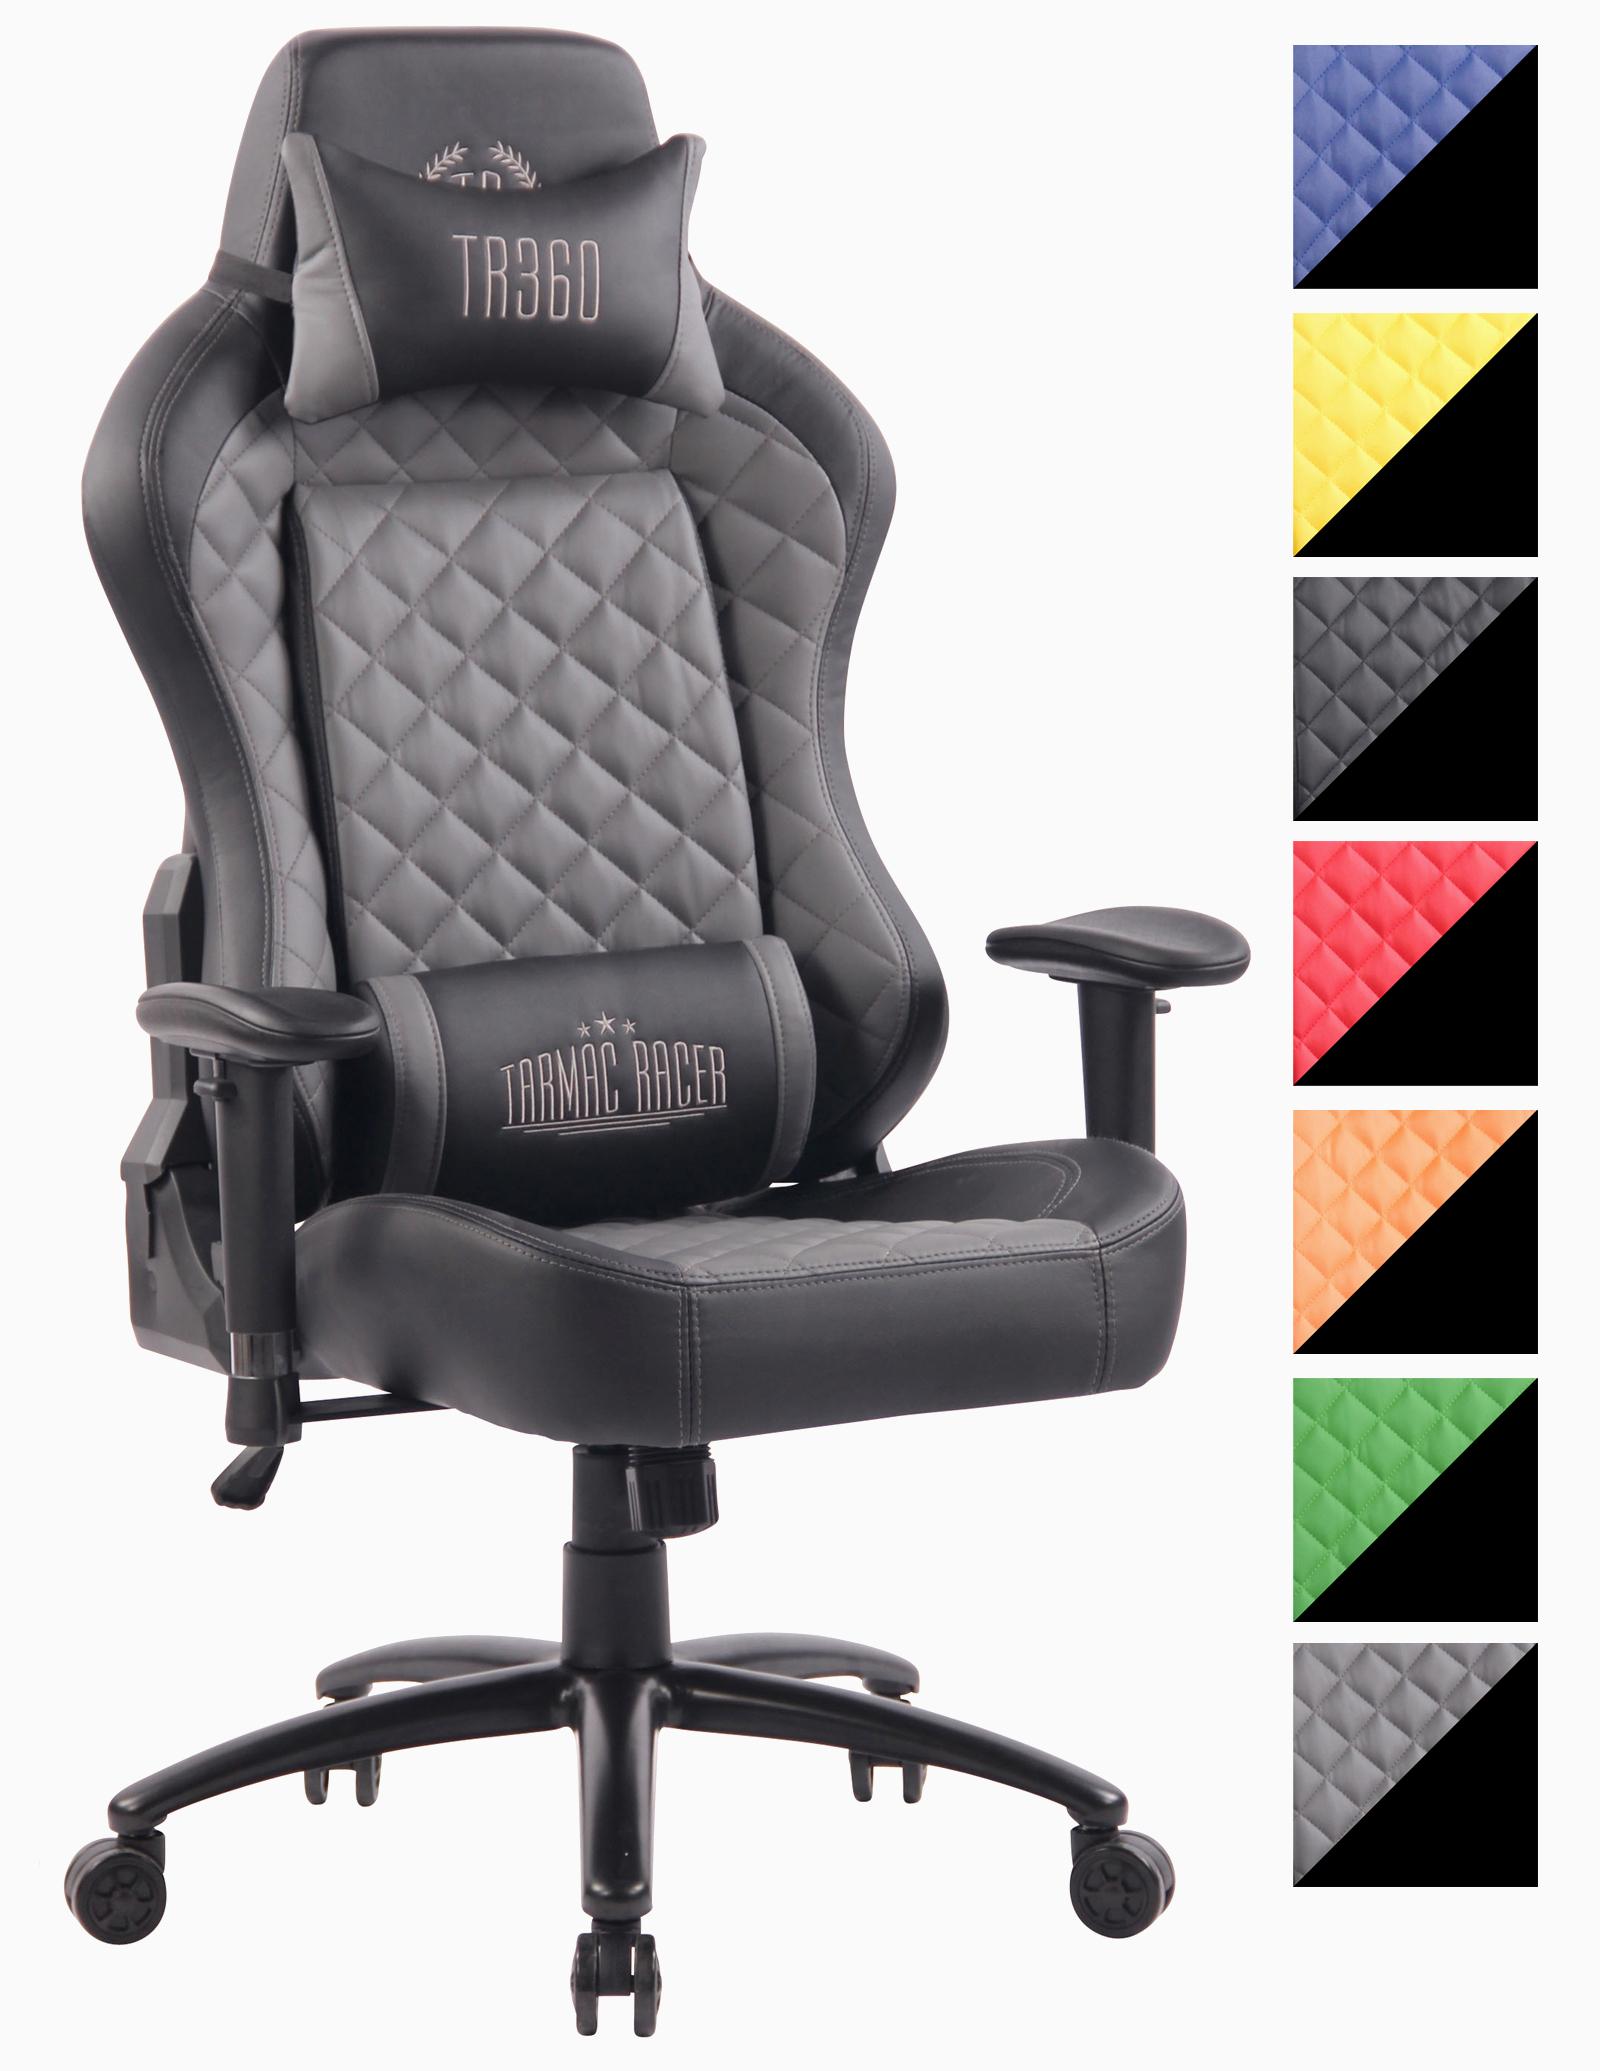 fauteuil de jardin dossier inclinable idees fauteuil hauteur bureau gamer rapid fauteuil racing chaise des fauteuil de jardin dossier inclinable